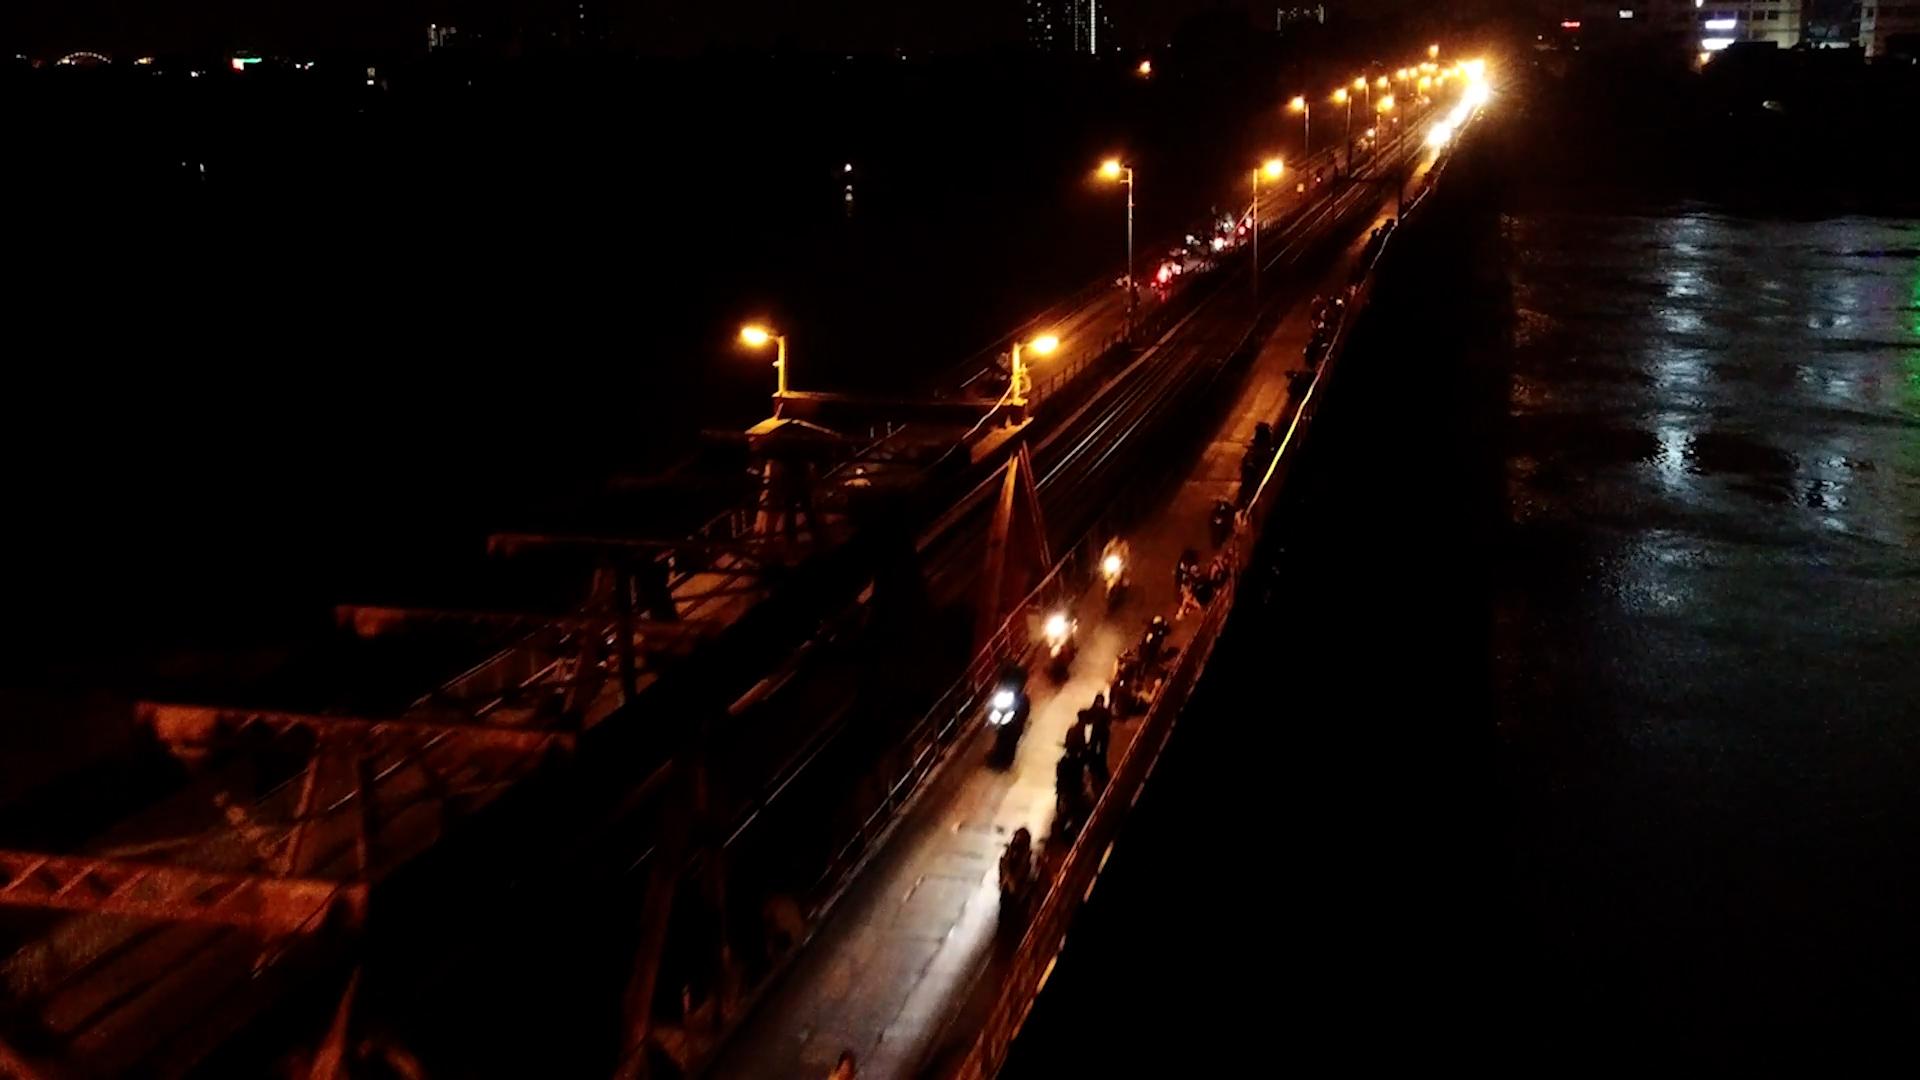 Hà Nội: Bất chấp lệnh cấm, nhiều quán trà đá ngang nhiên mở trên Cầu Long Biên - Ảnh 2.